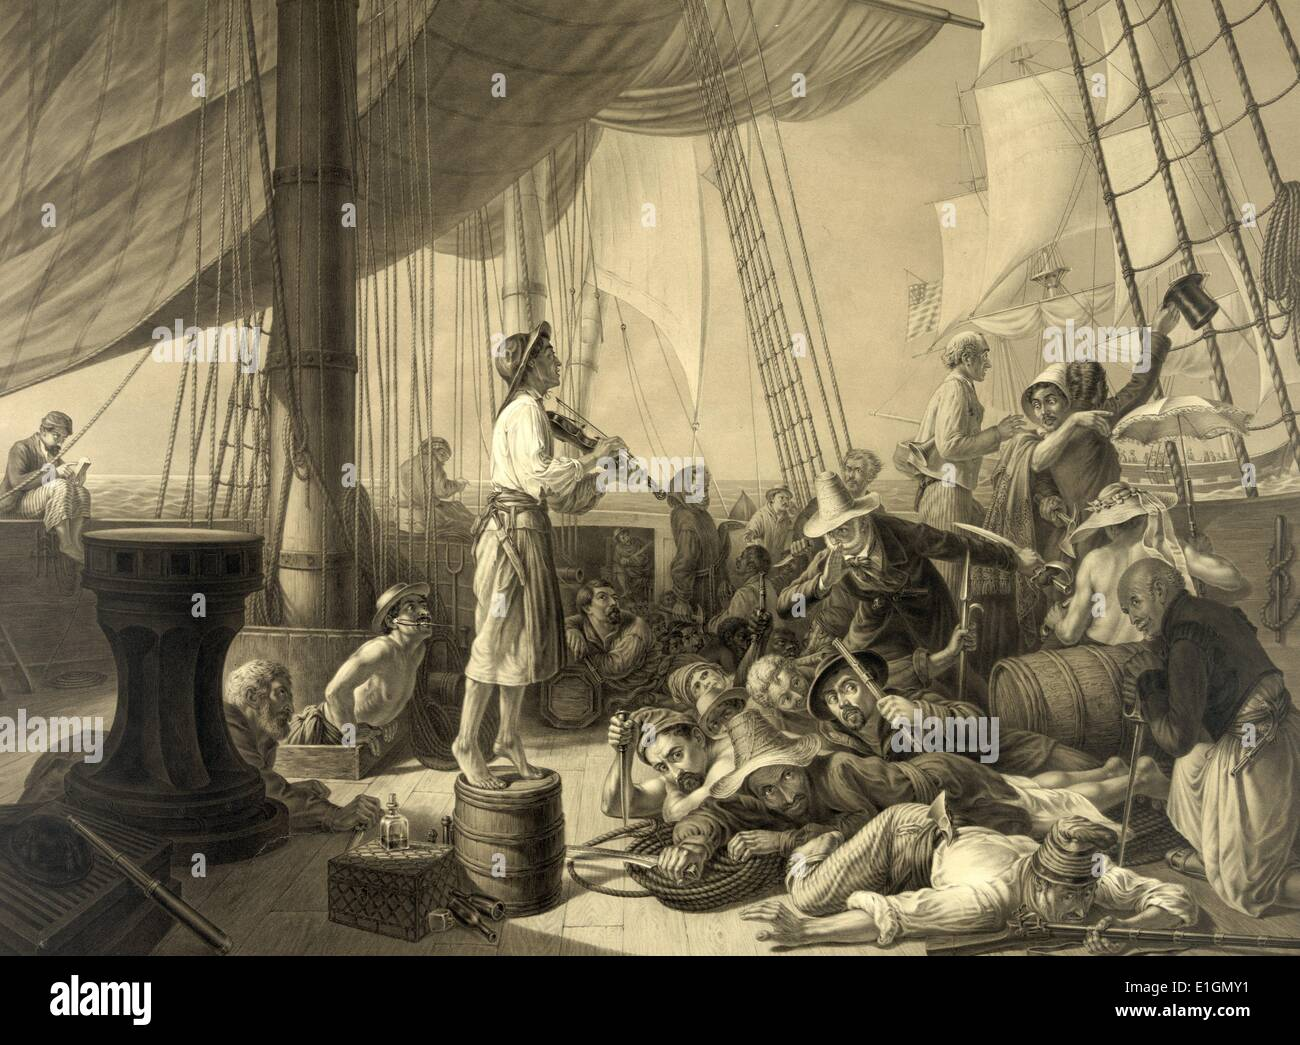 """Impresión en blanco y negro representando los piratas"""" que atraen a un merchantman ruse en los días de antaño. Fecha 1896 Imagen De Stock"""